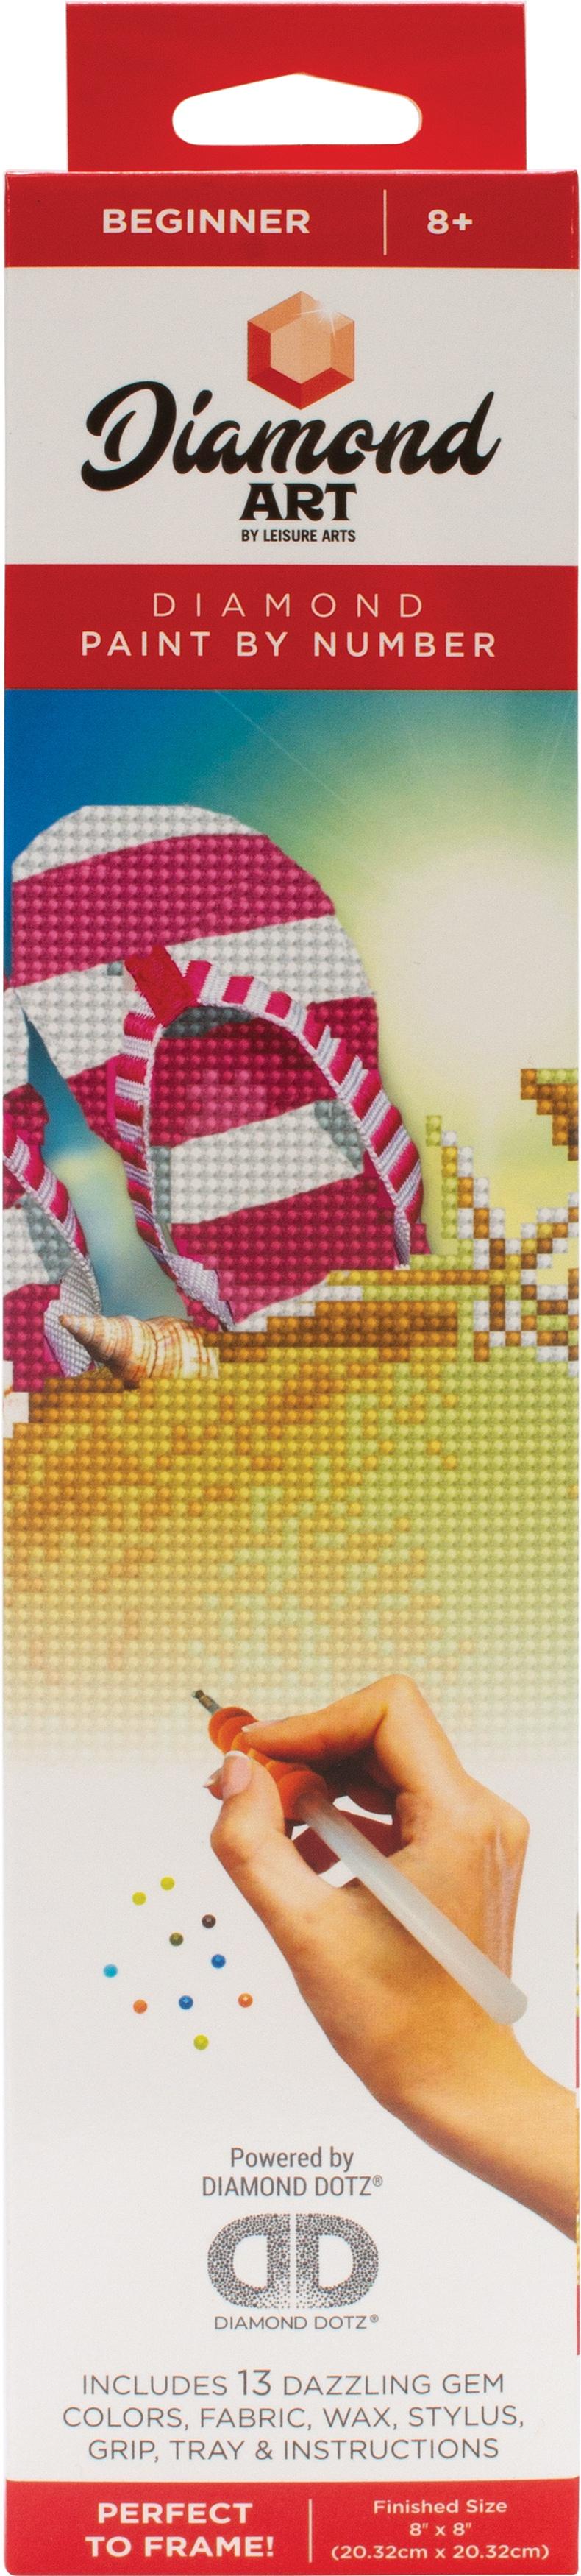 Diamond Art Kit 8x8 Beginner Flip Flops